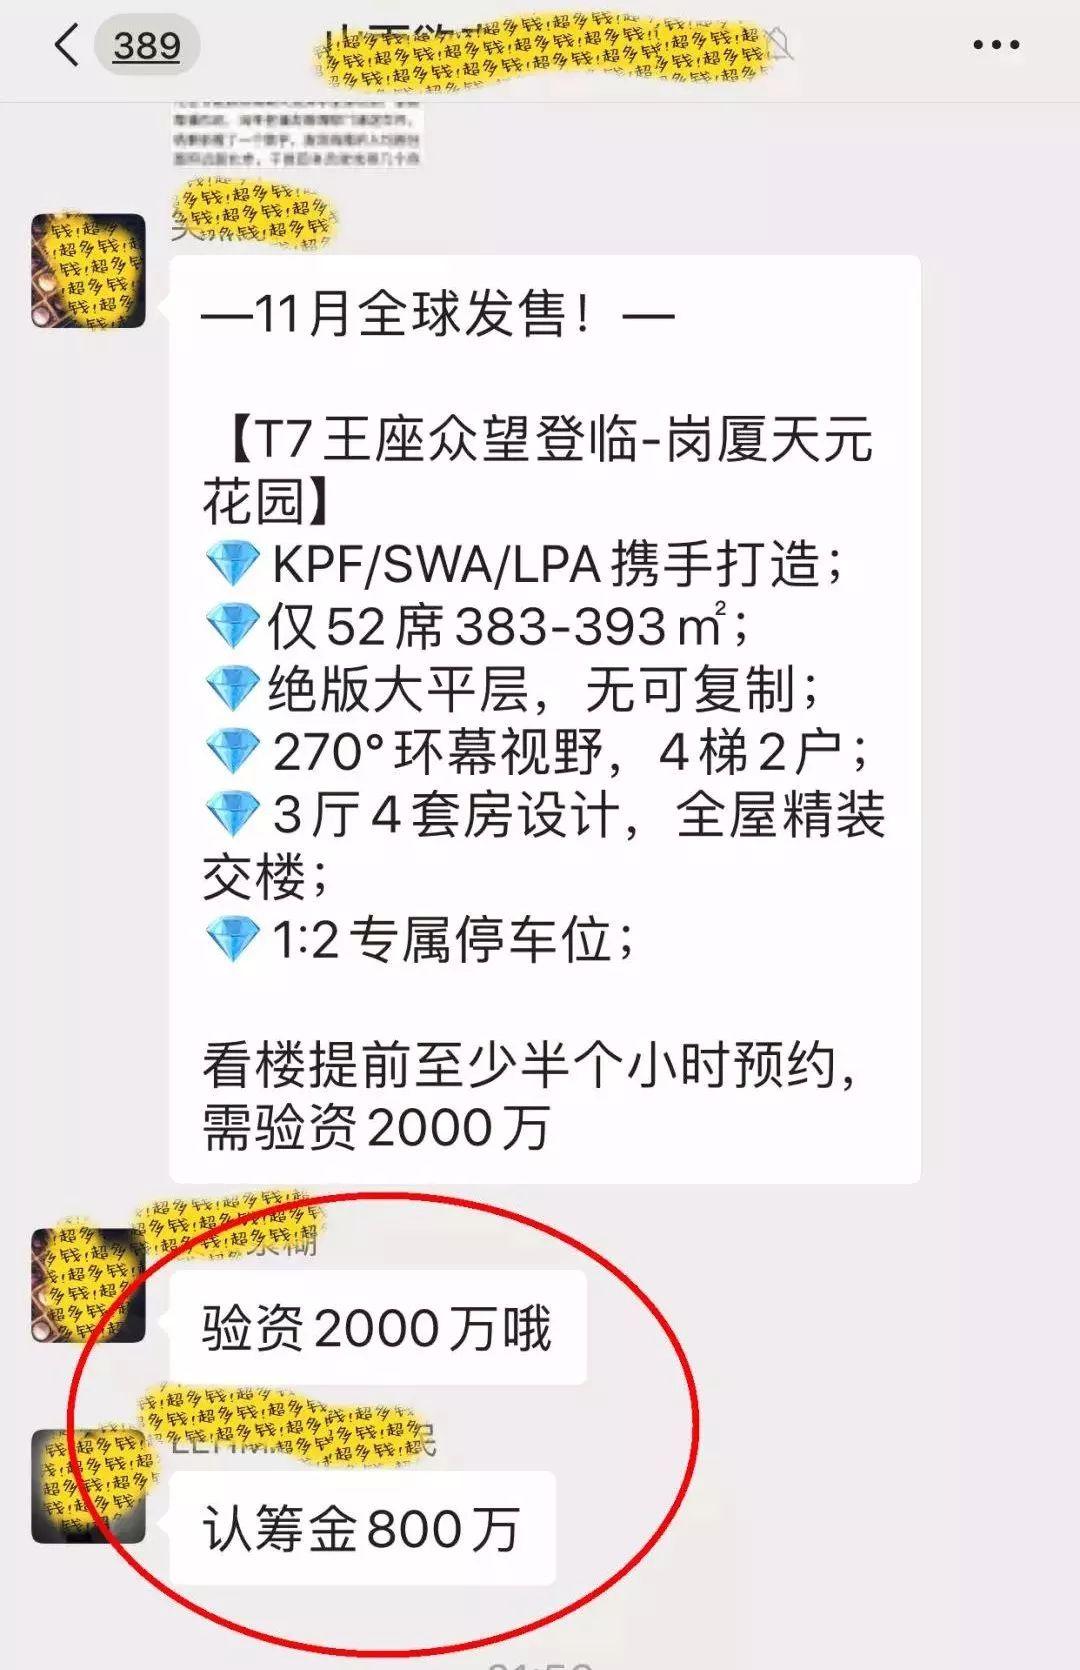 永利游戏官方网站·外挂抢红包微信被封号 3000多账户因涉网赌等被封